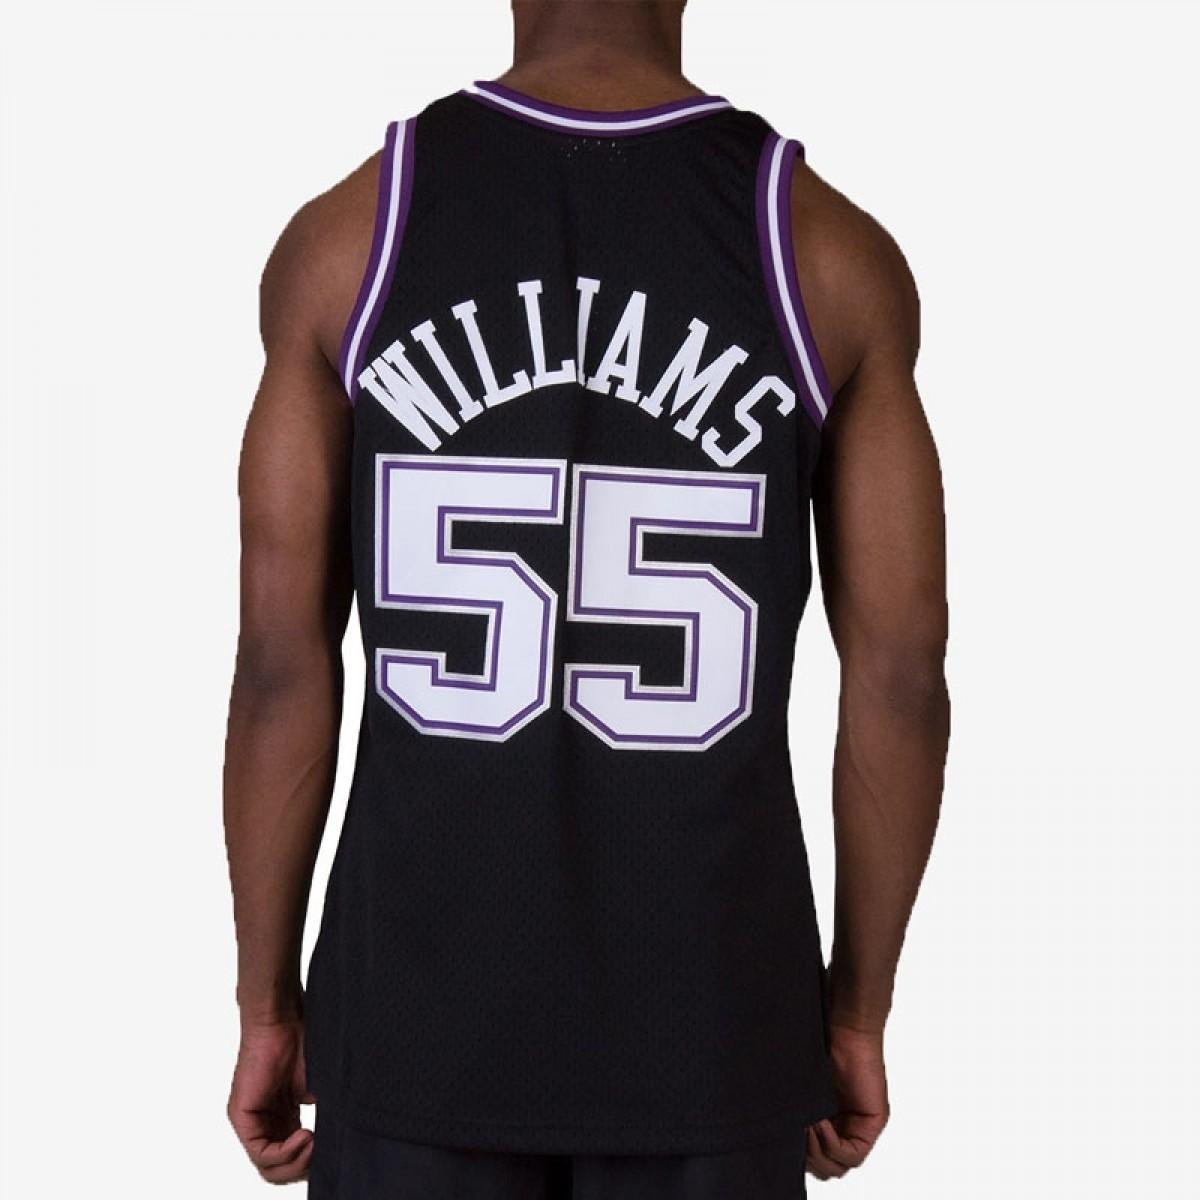 Mitchell & Ness Jason Williams Swingman Jersey Away 'Sacramento' 353J323FGYC3N